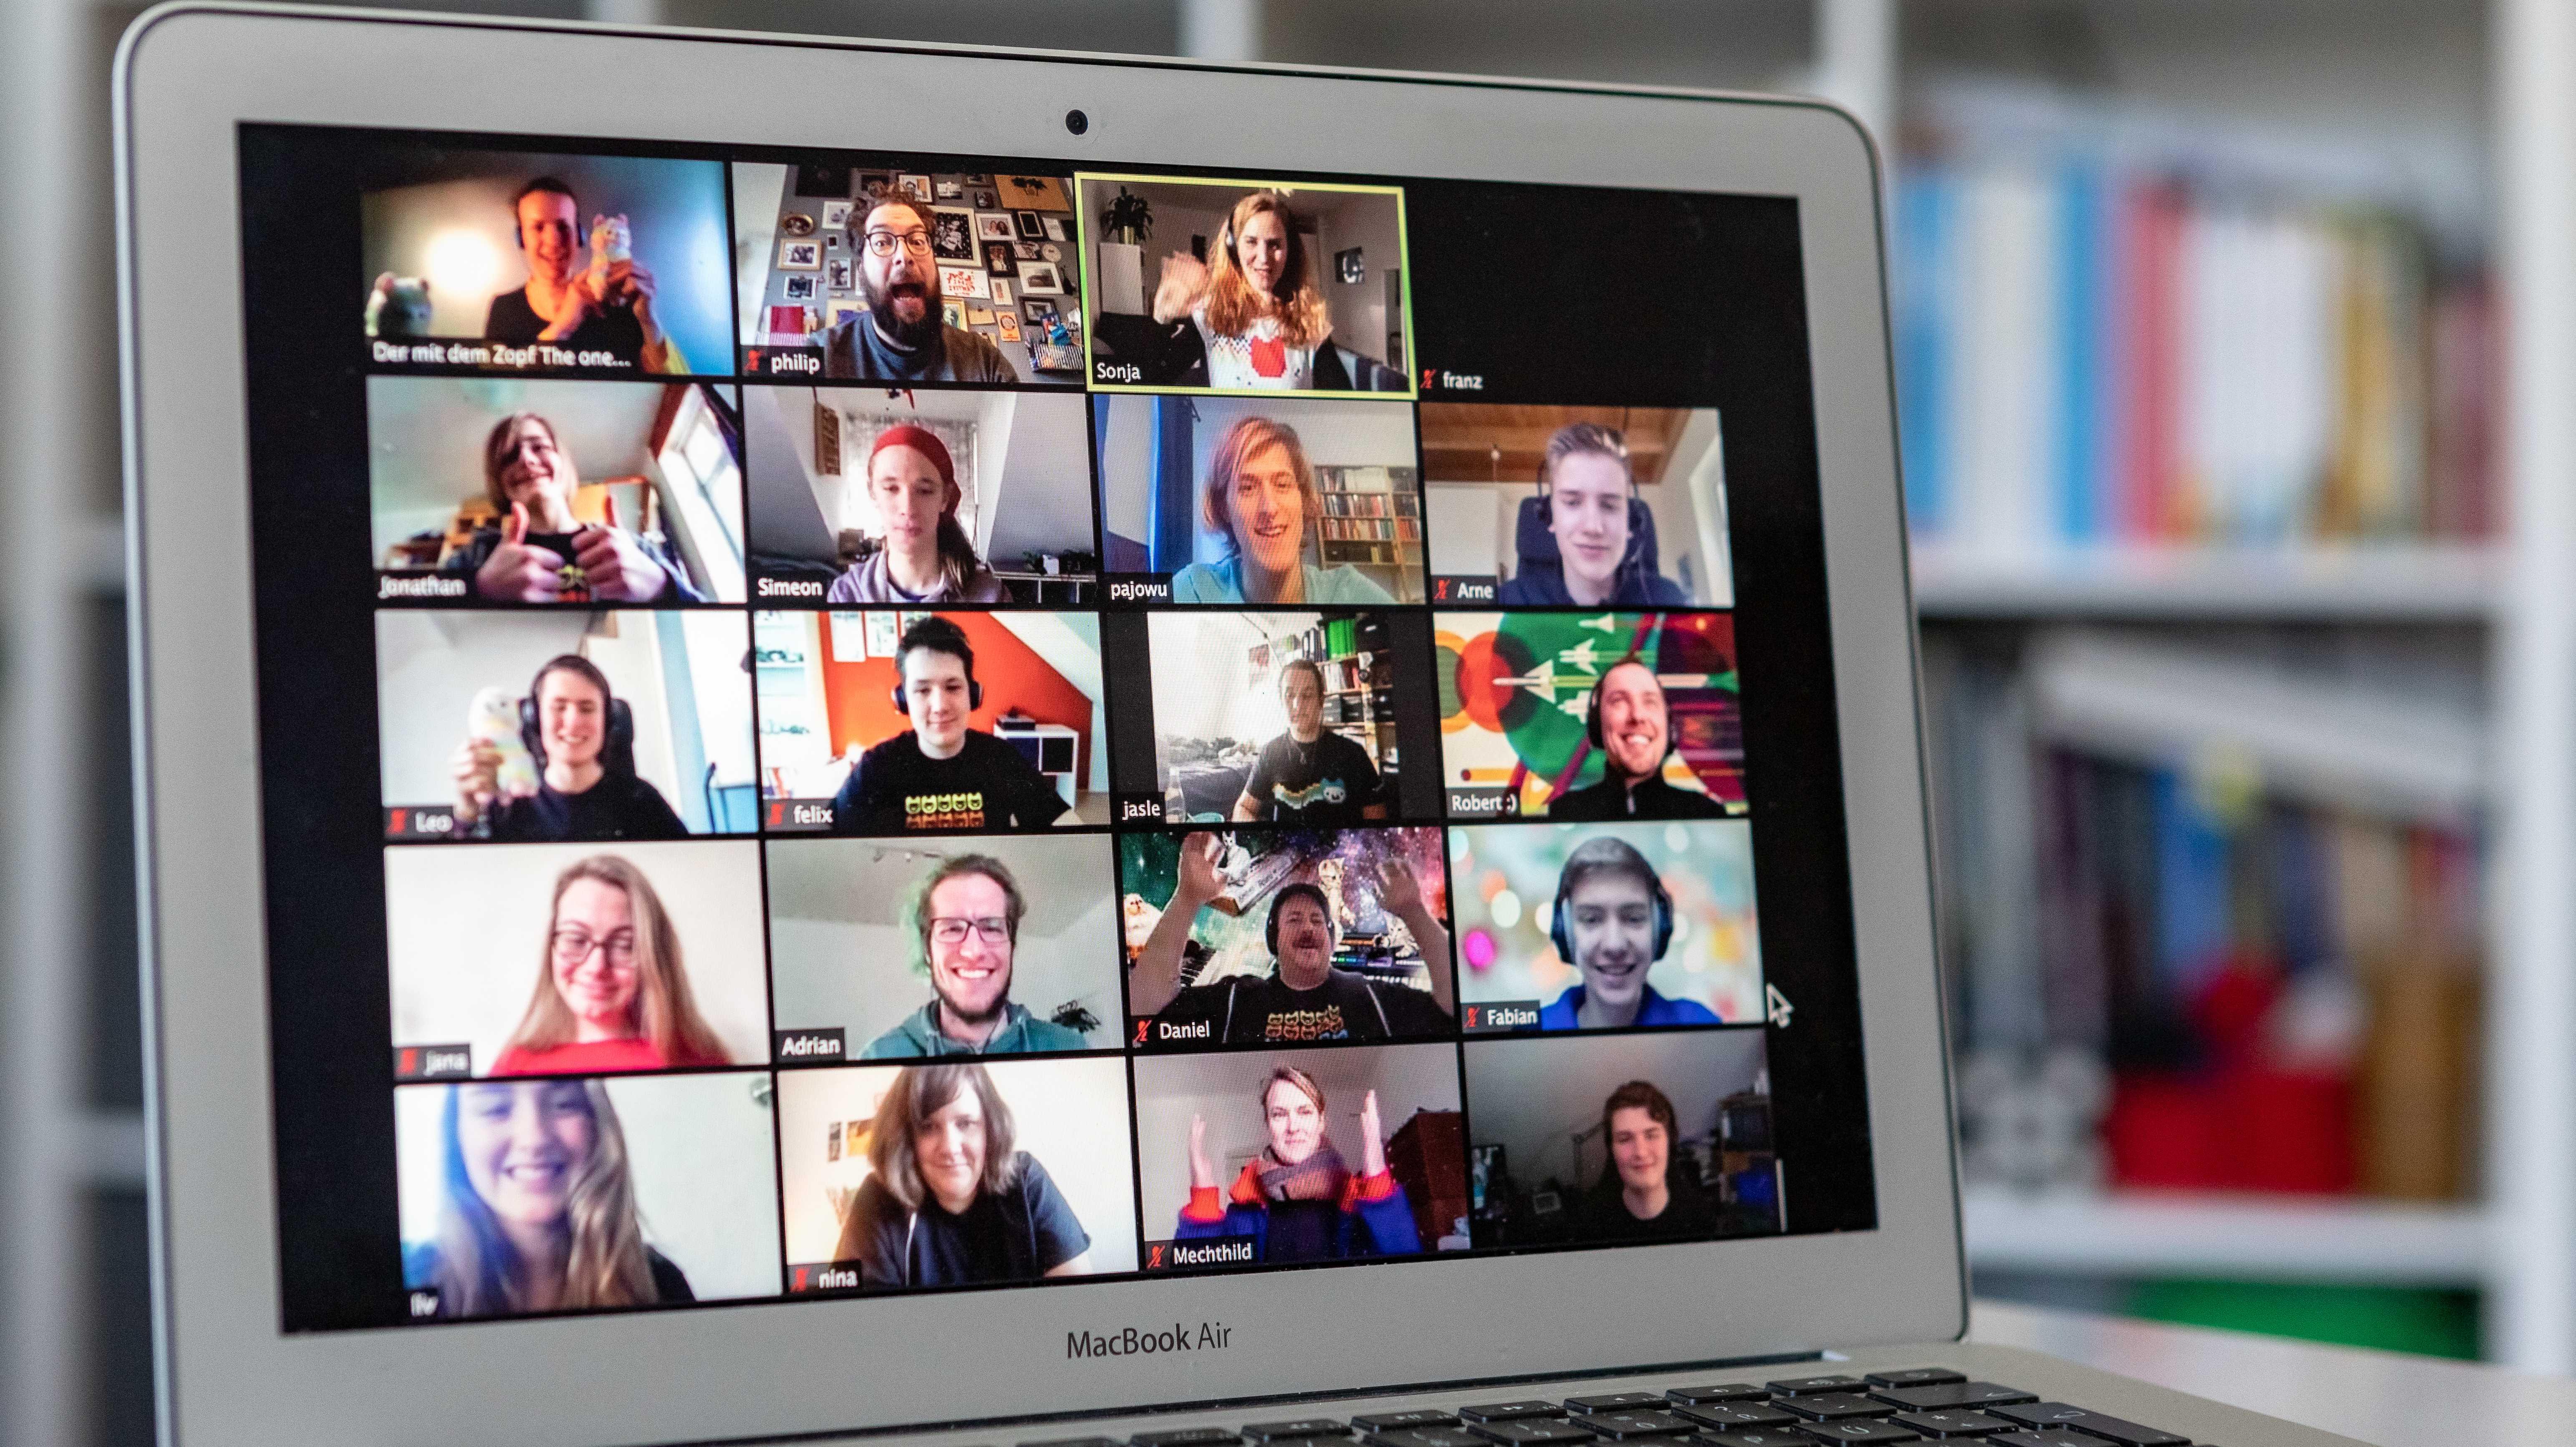 Blick auf einen Laptop-Monoitor, auf dem viele Gesichter einer Videokonferenz zu sehen sind.